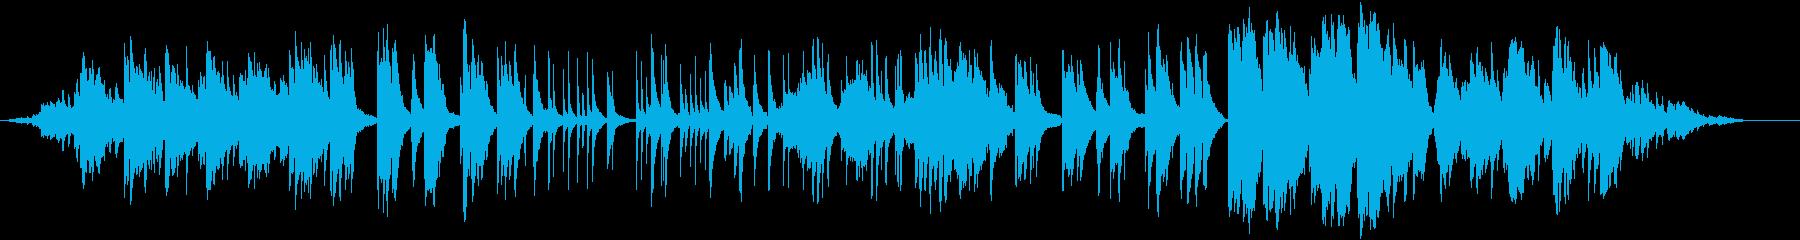 幻想的で落ち着いてしっとりとしたサウンドの再生済みの波形